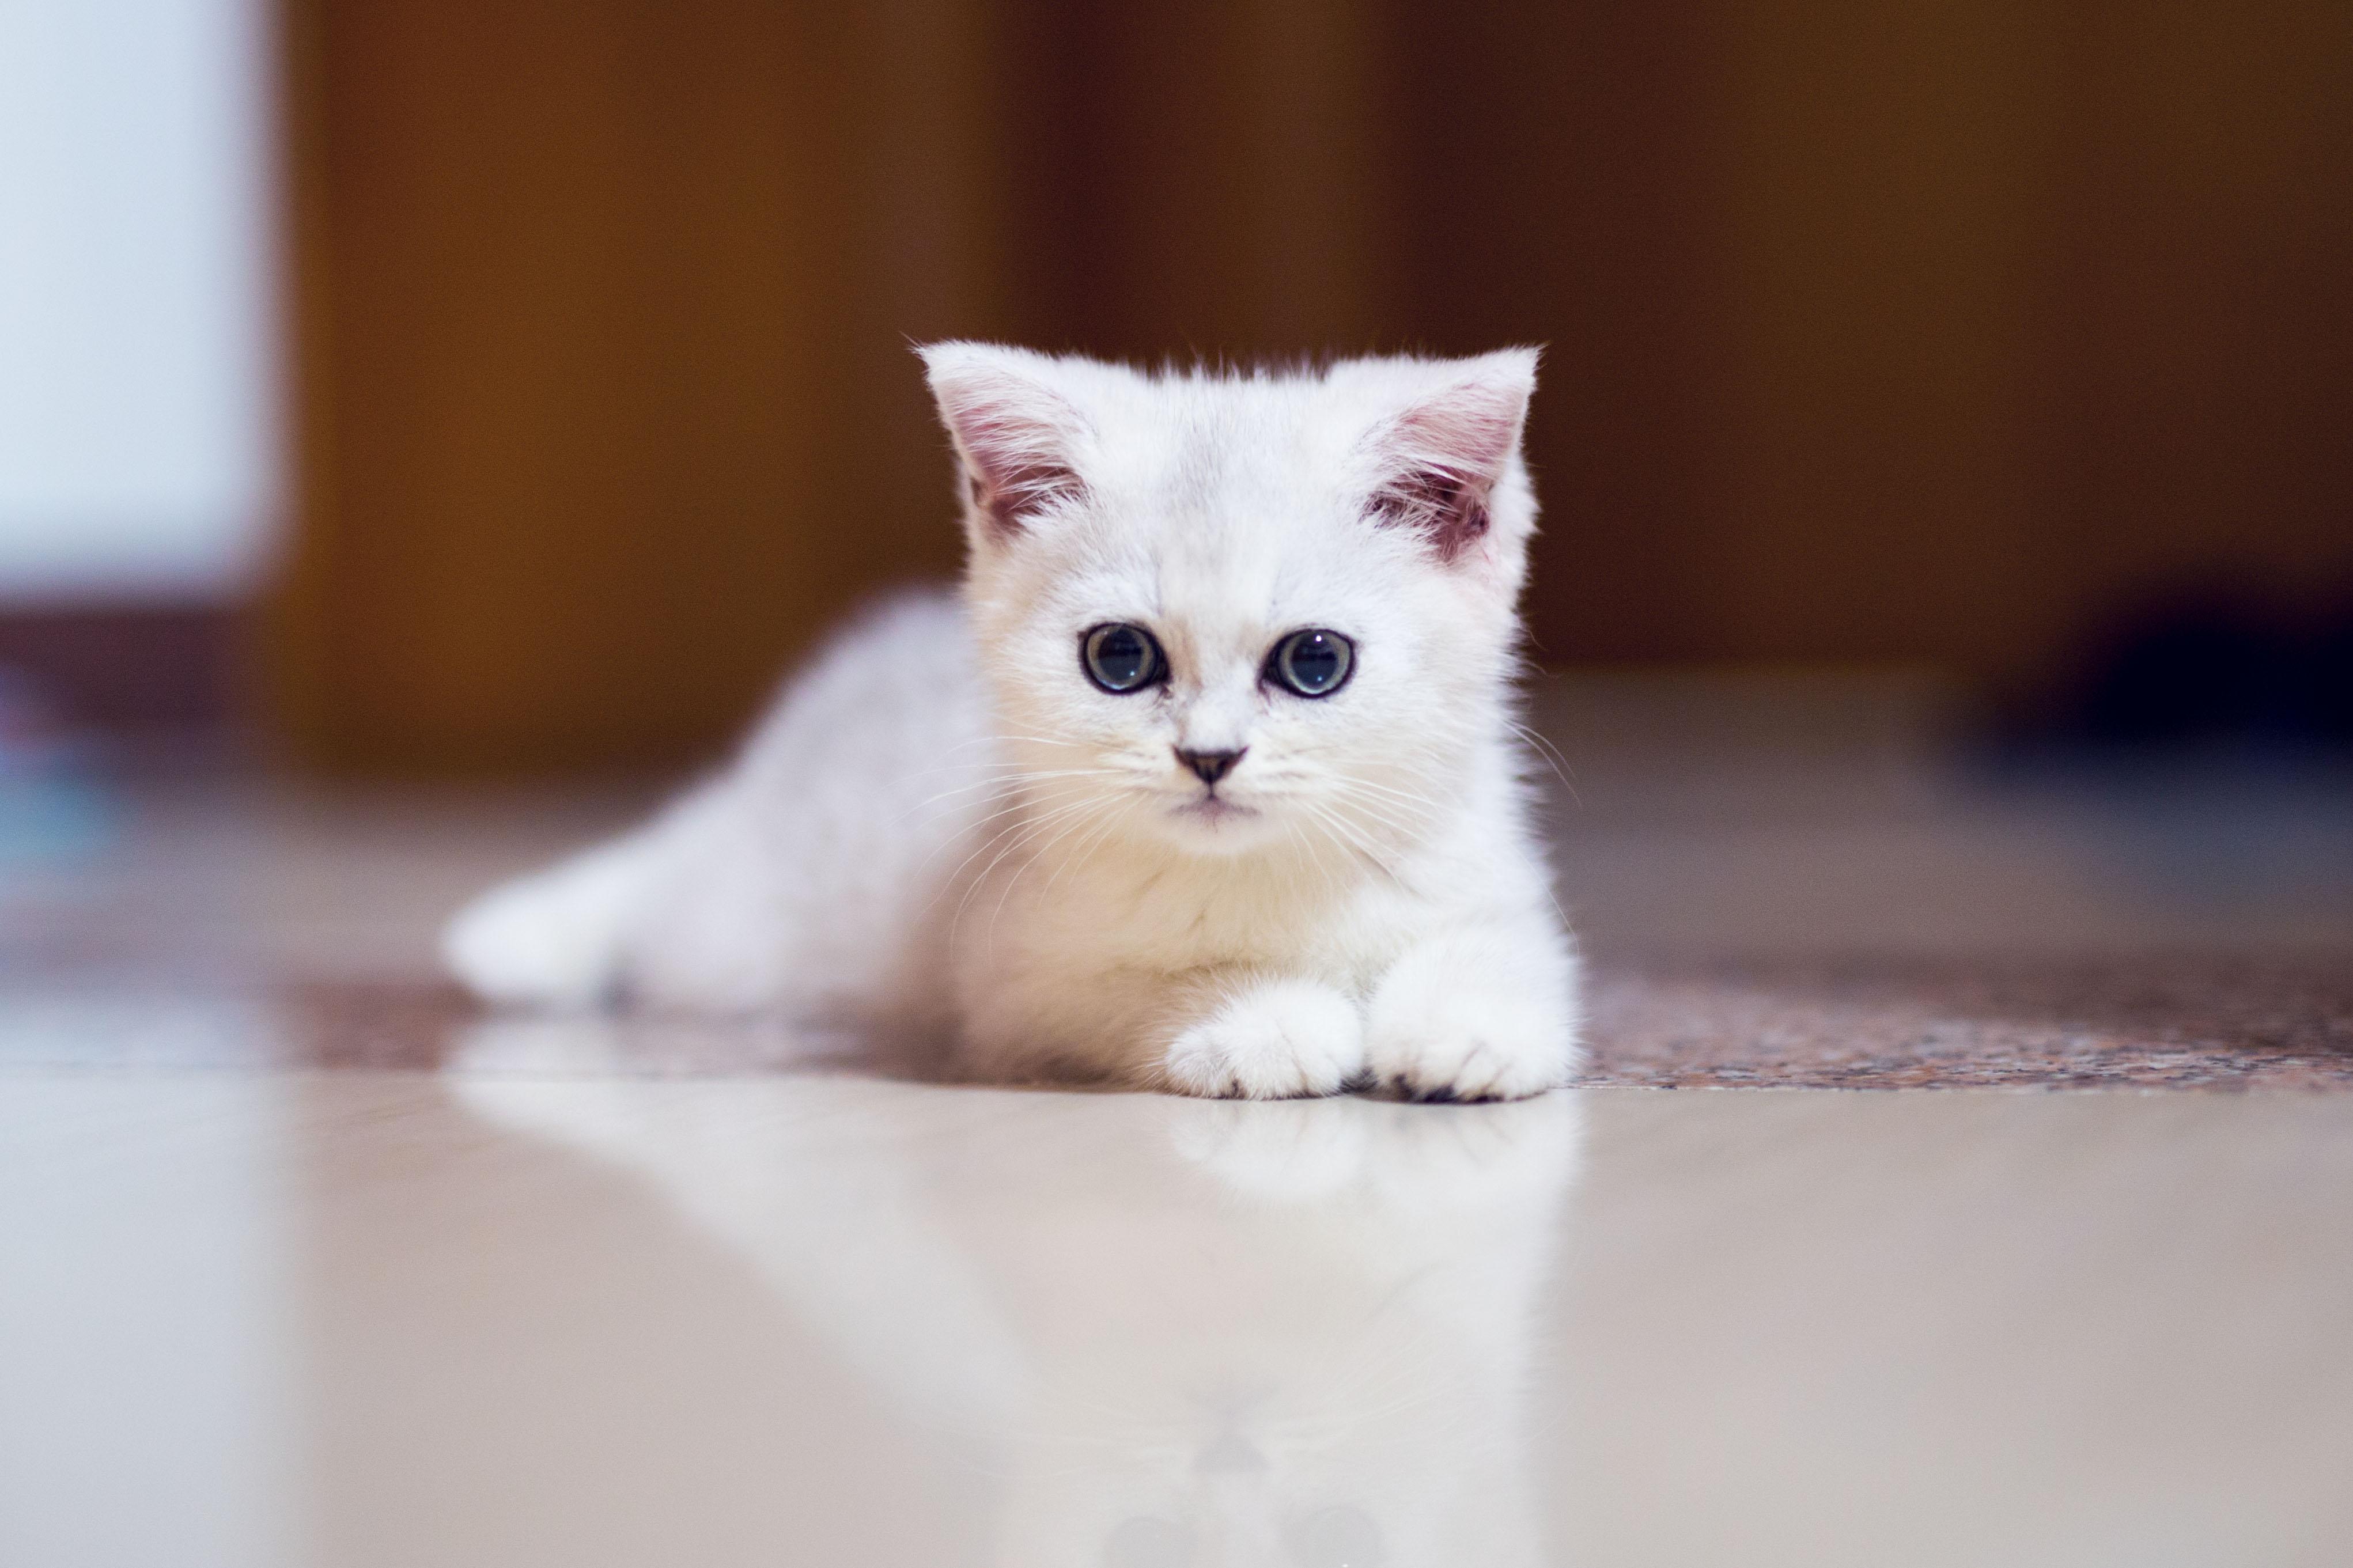 壁纸 动物 猫 猫咪 小猫 桌面 4084_2722